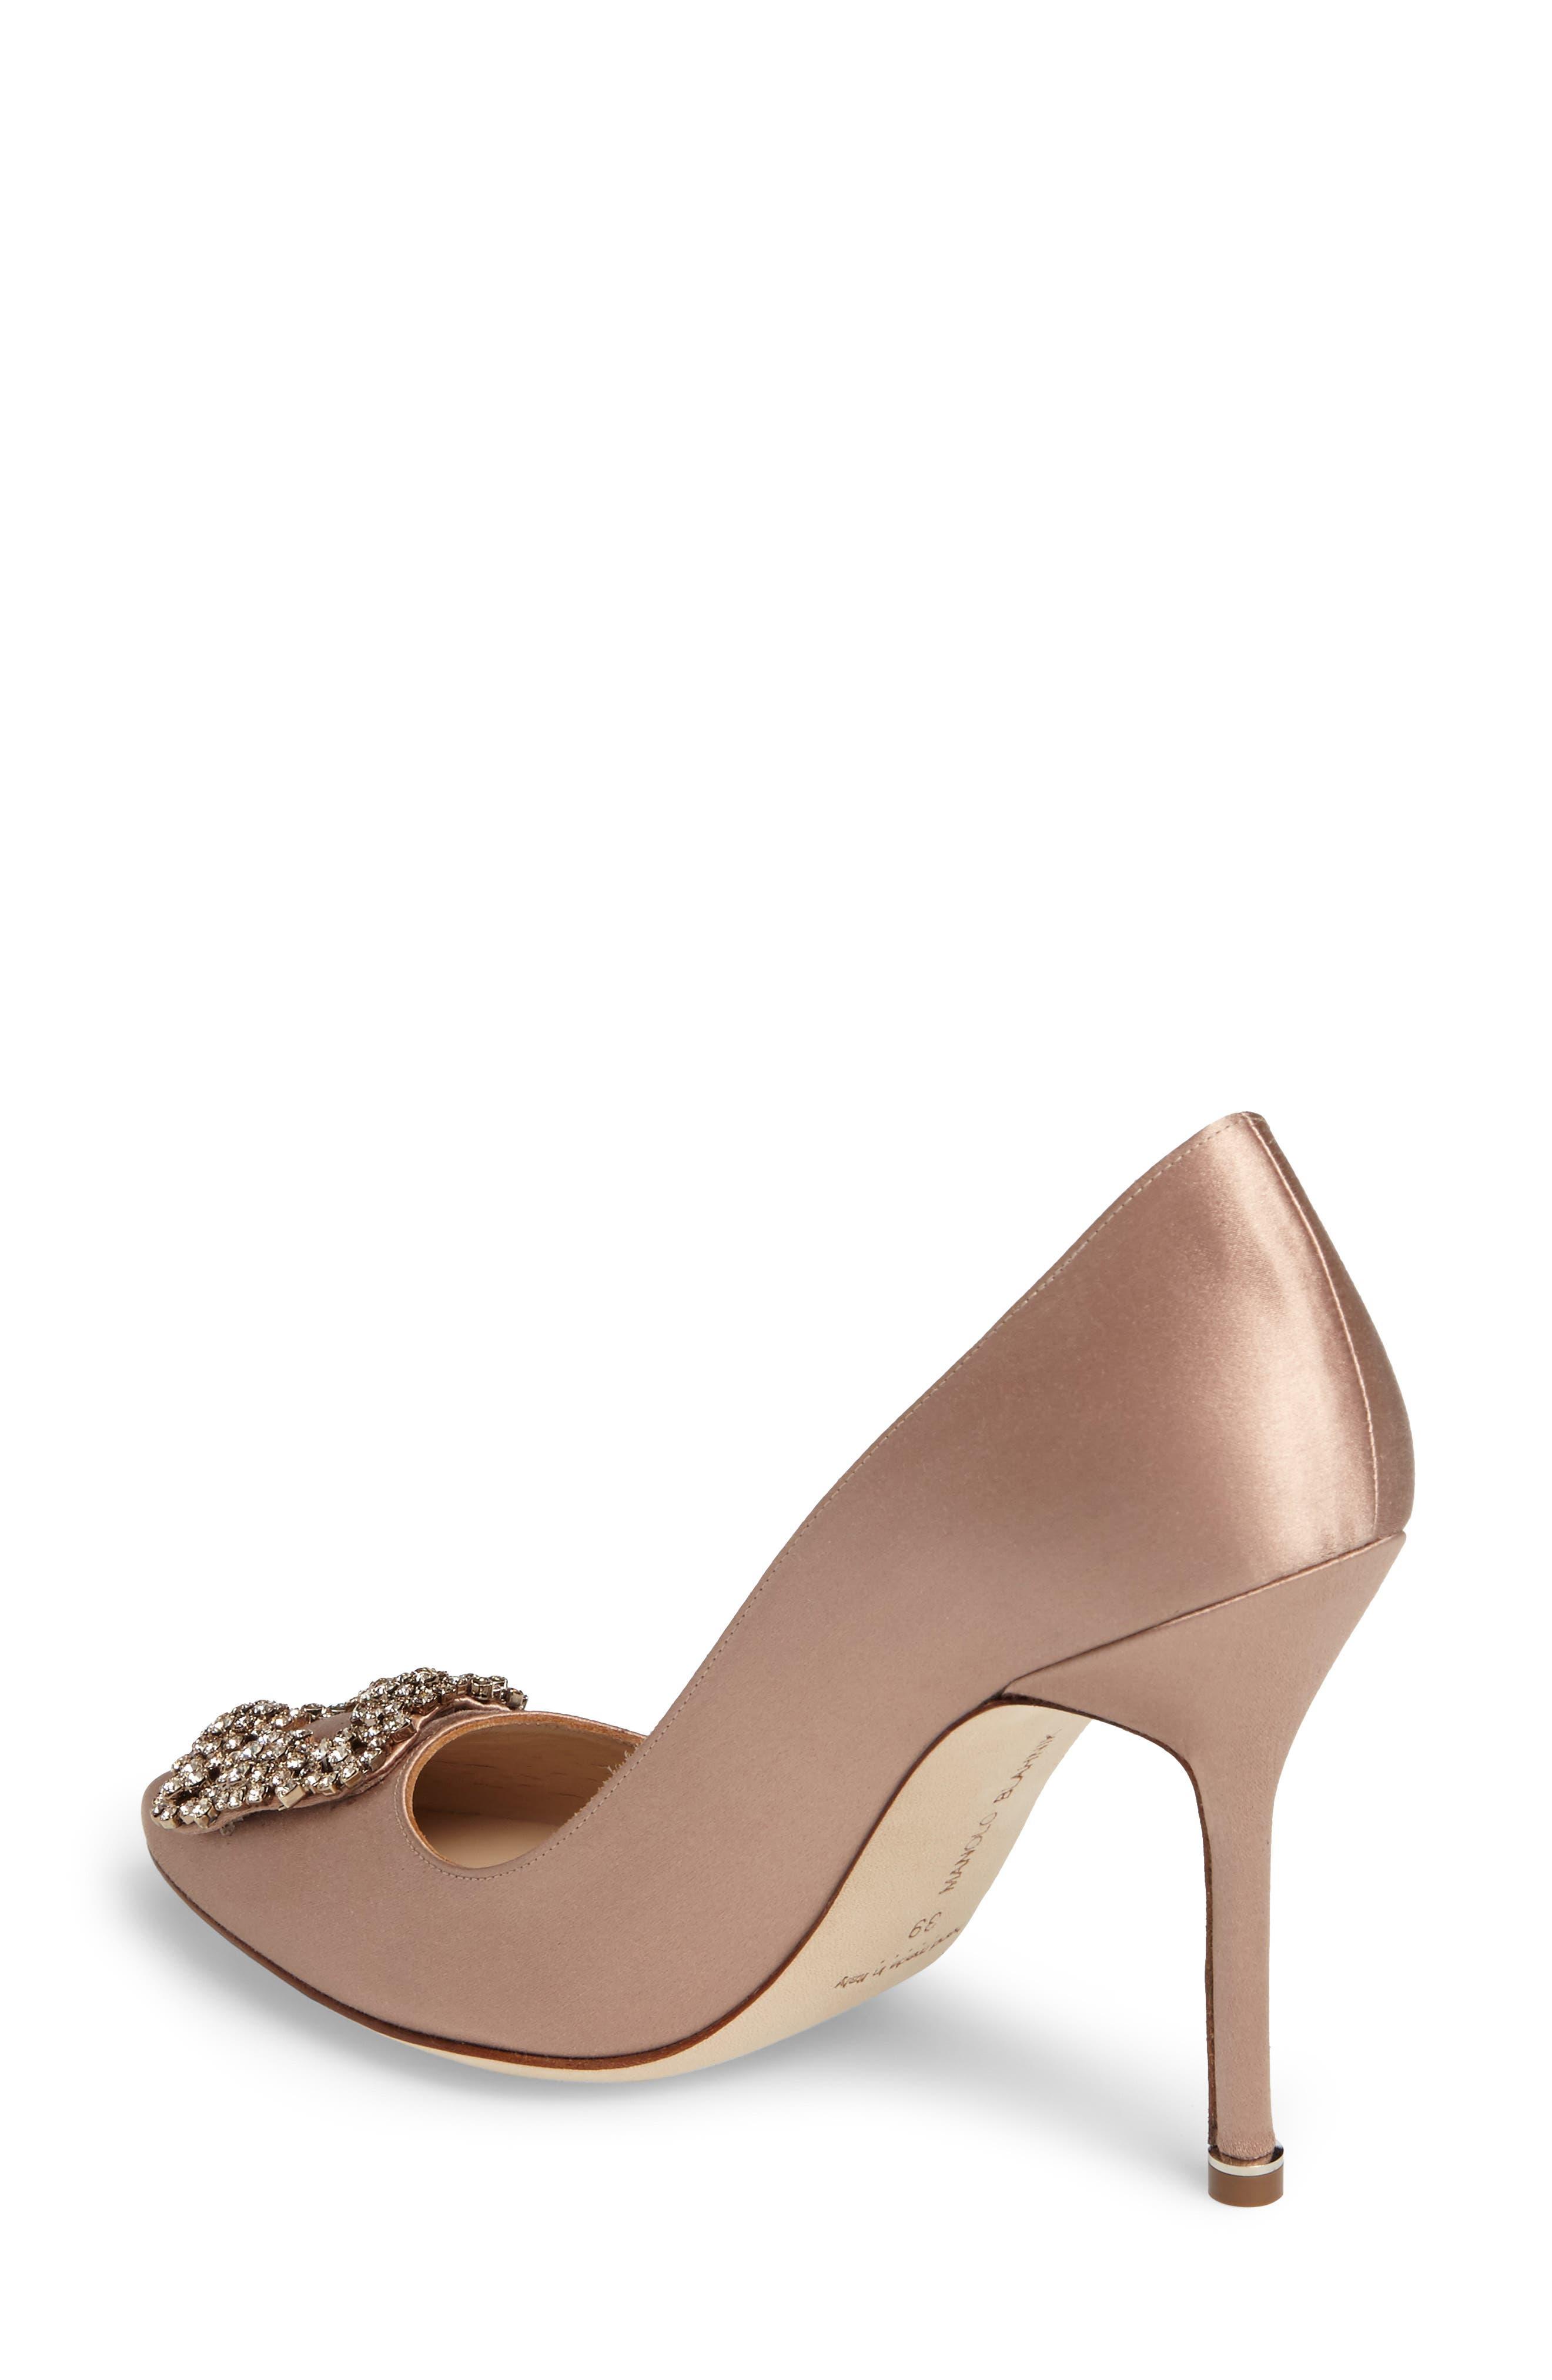 99d32d05531 Women s Heels